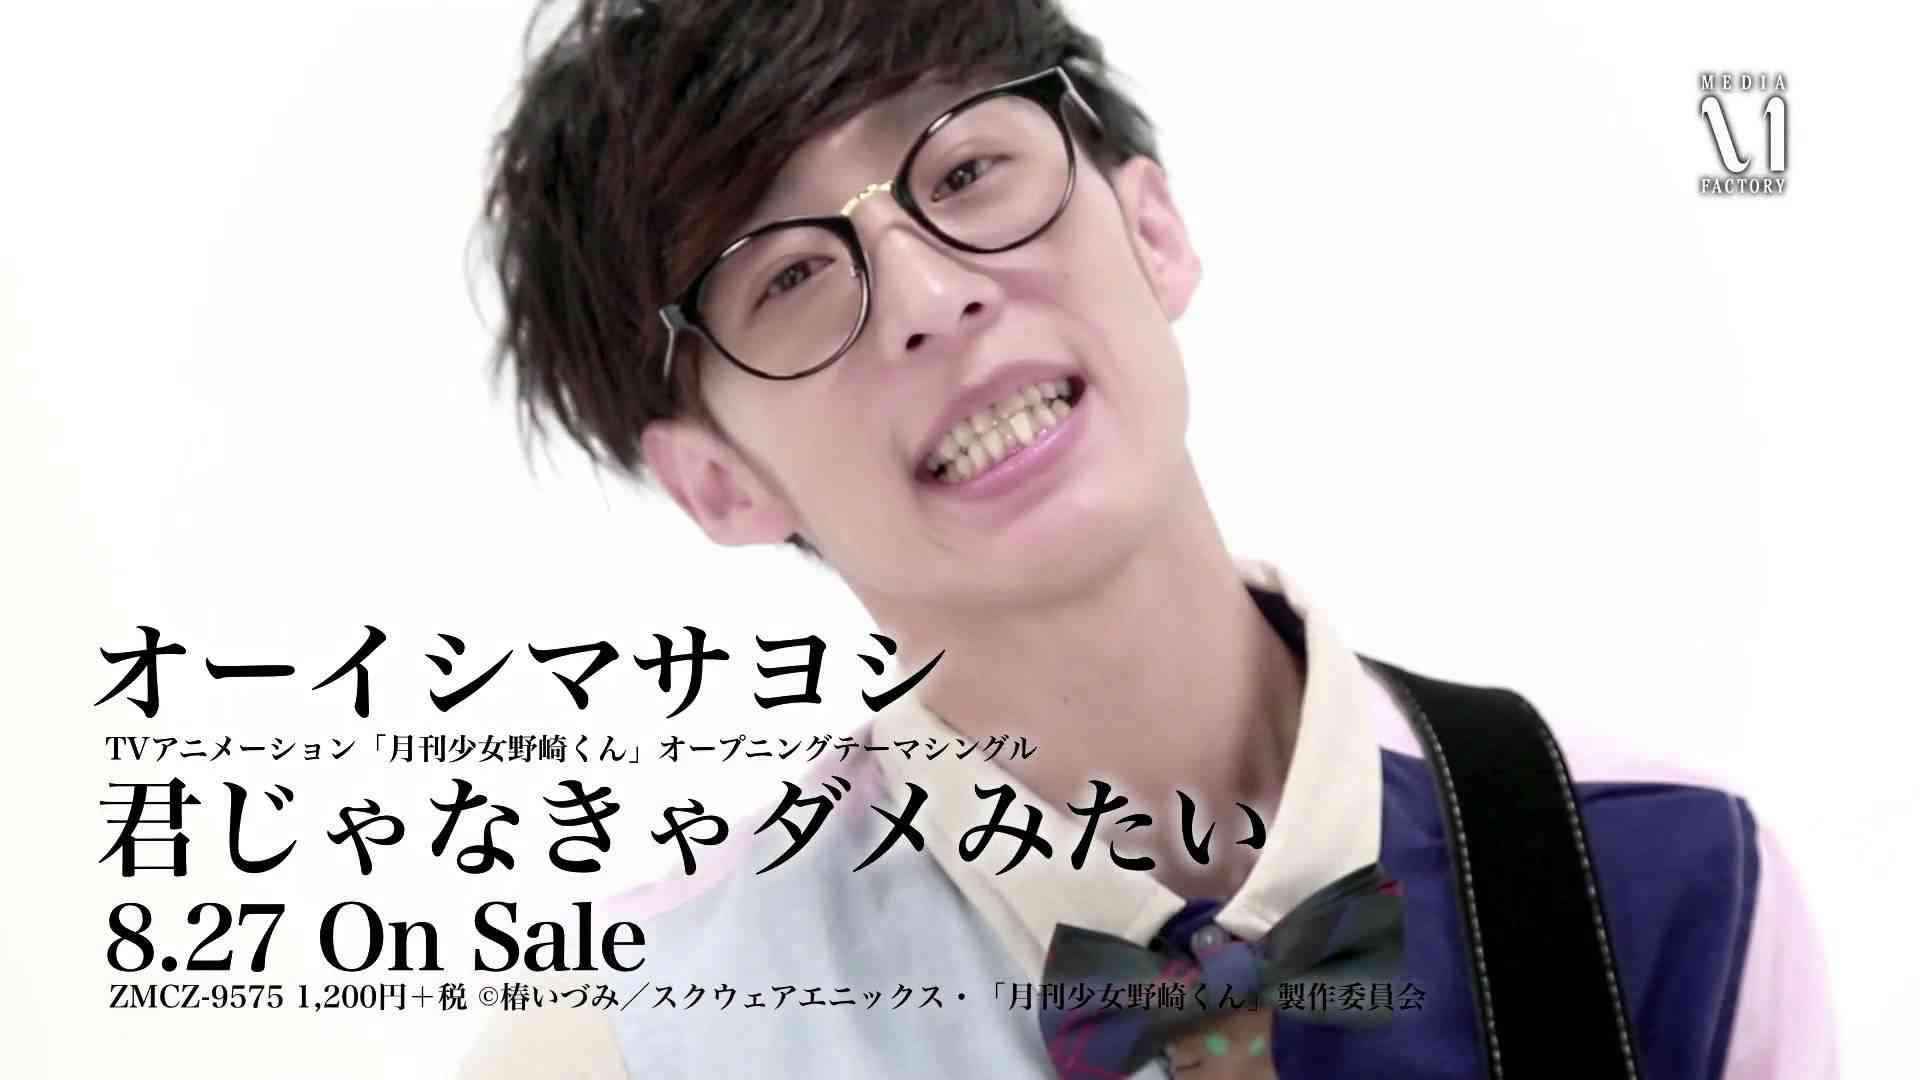 オーイシマサヨシ「君じゃなきゃダメみたい」 - YouTube